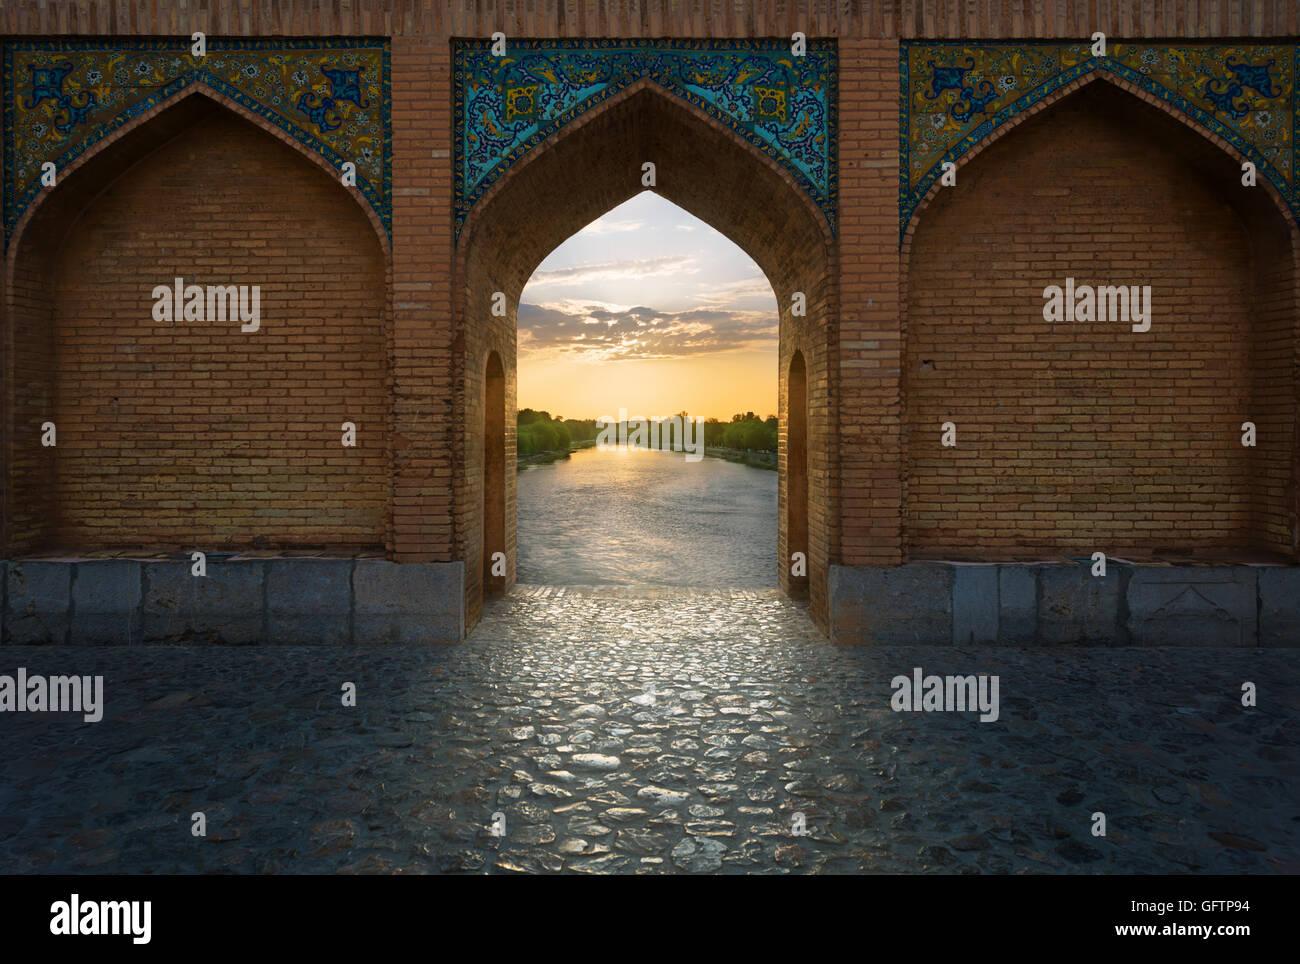 Puente de Khaju es un puente en la provincia de Isfahan, Irán. Imagen De Stock